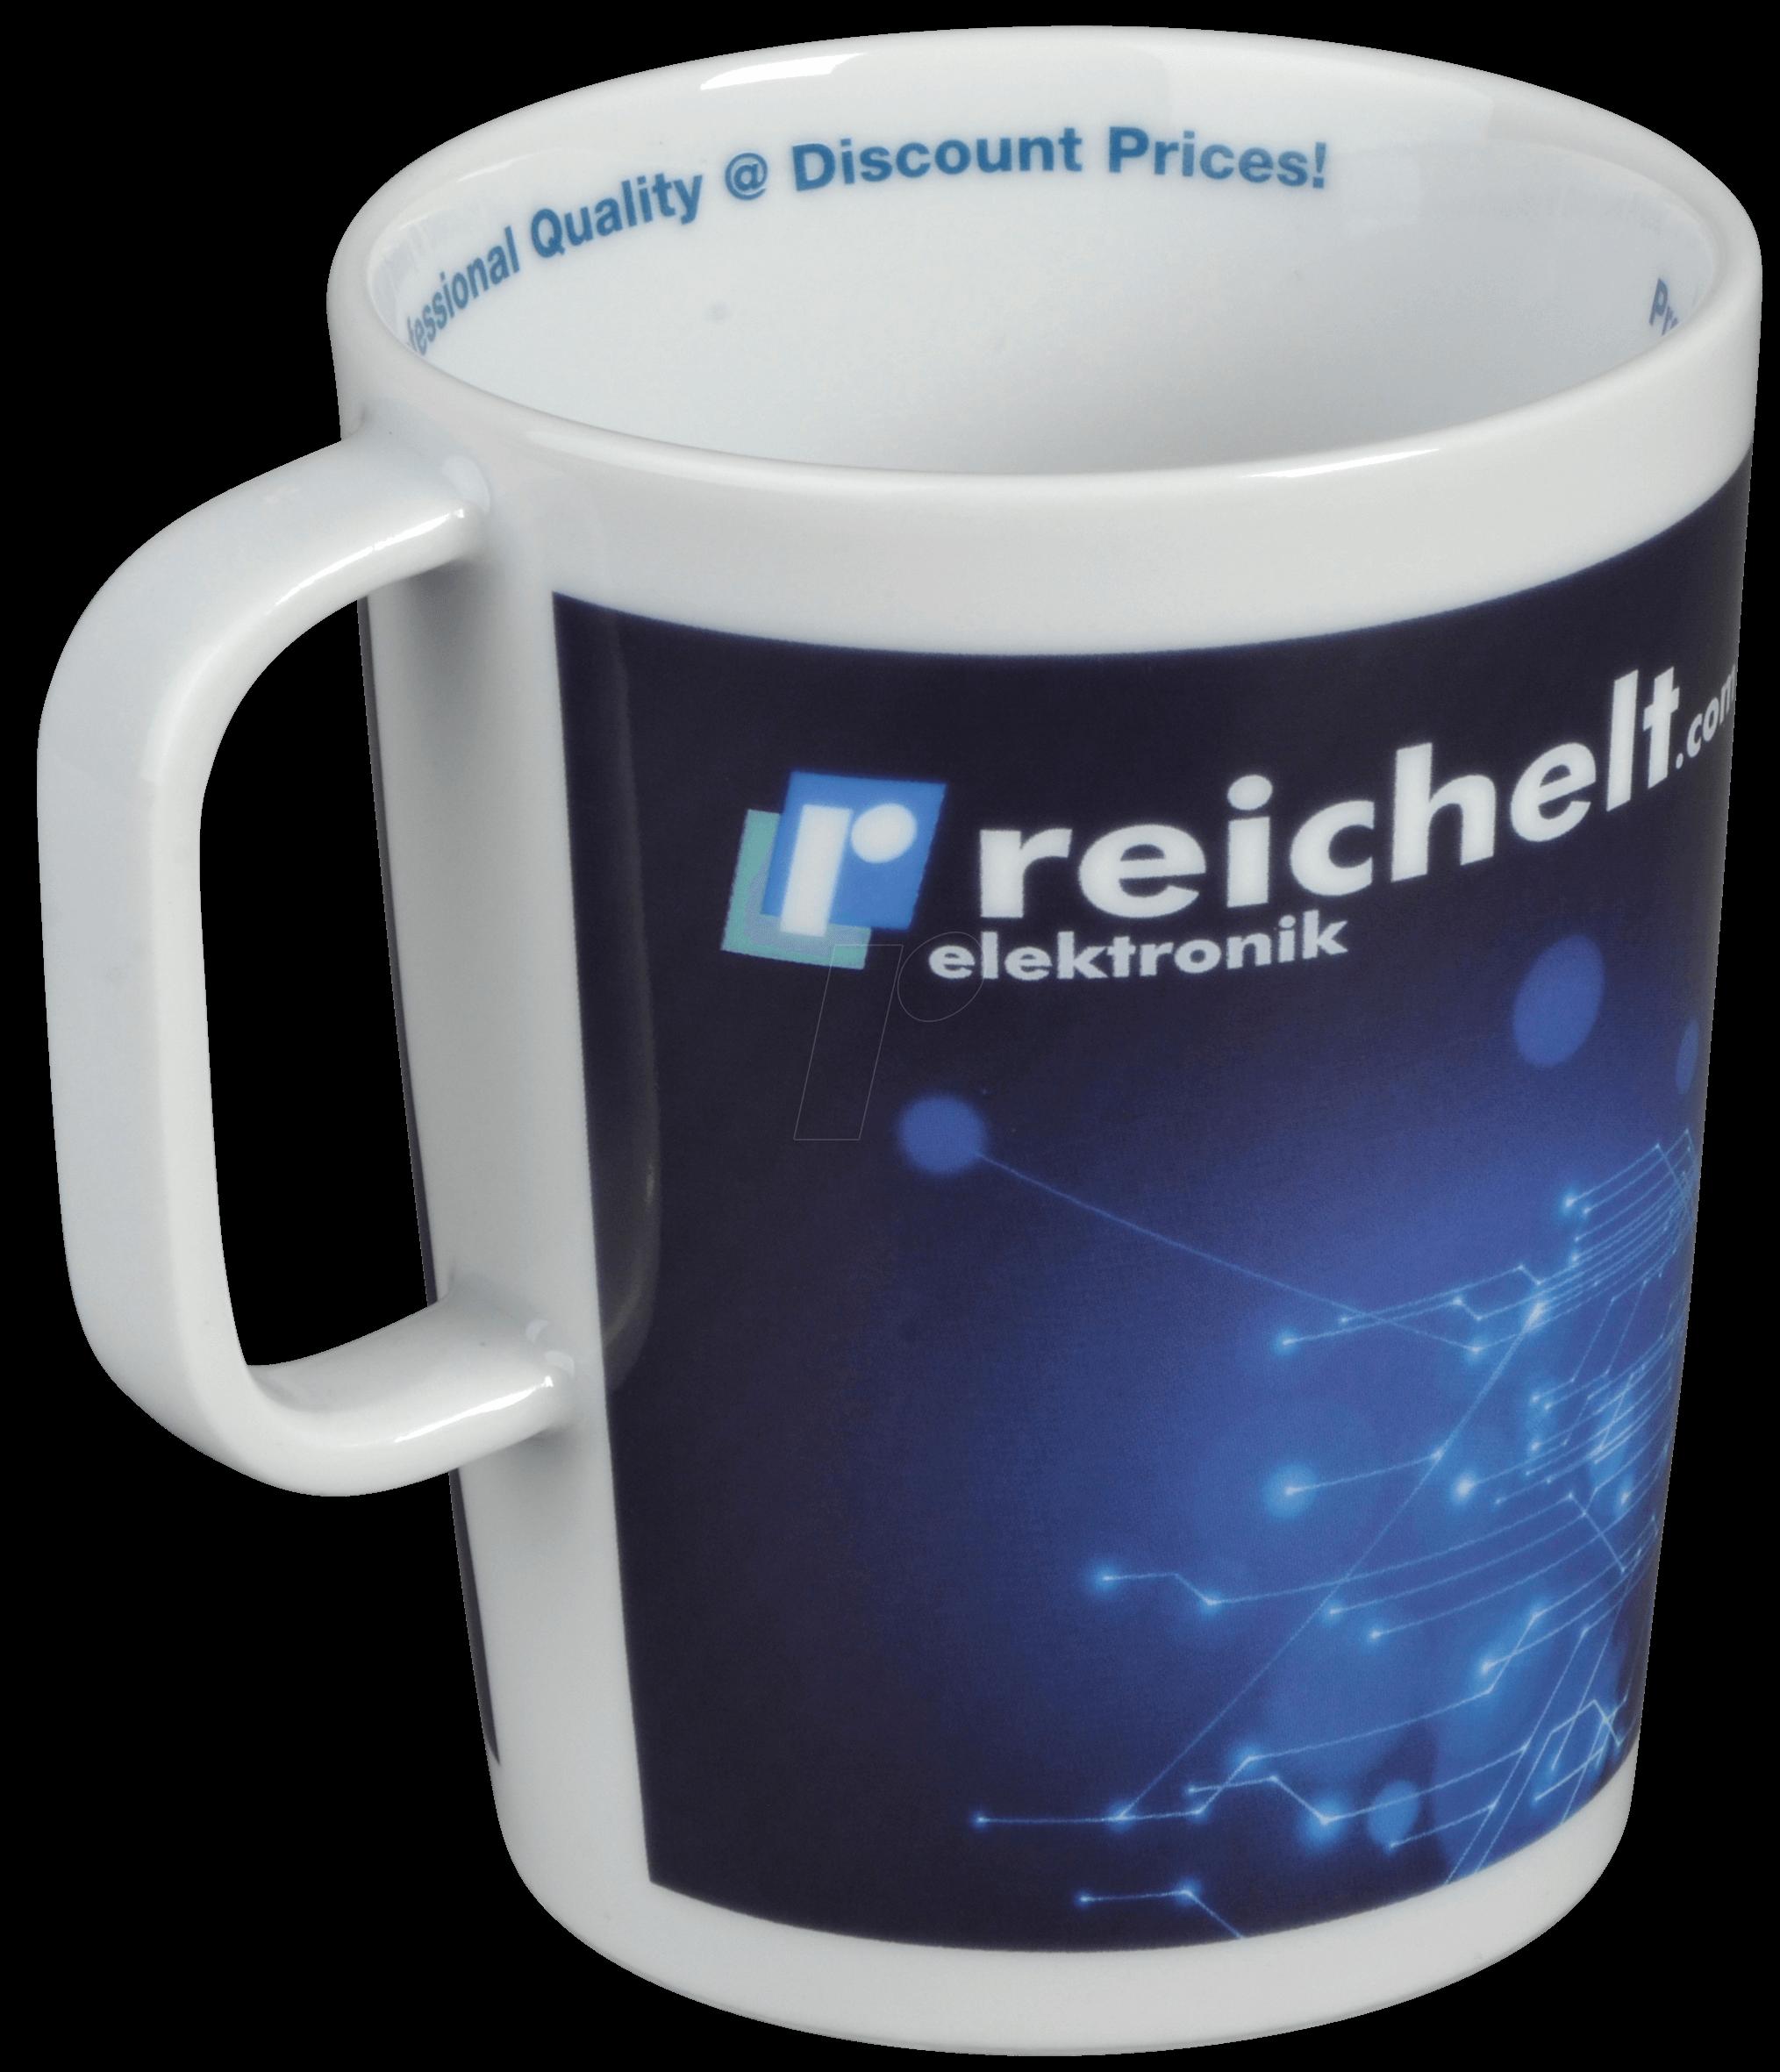 https://cdn-reichelt.de/bilder/web/xxl_ws/R600/REICHELT_TASSE_03.png